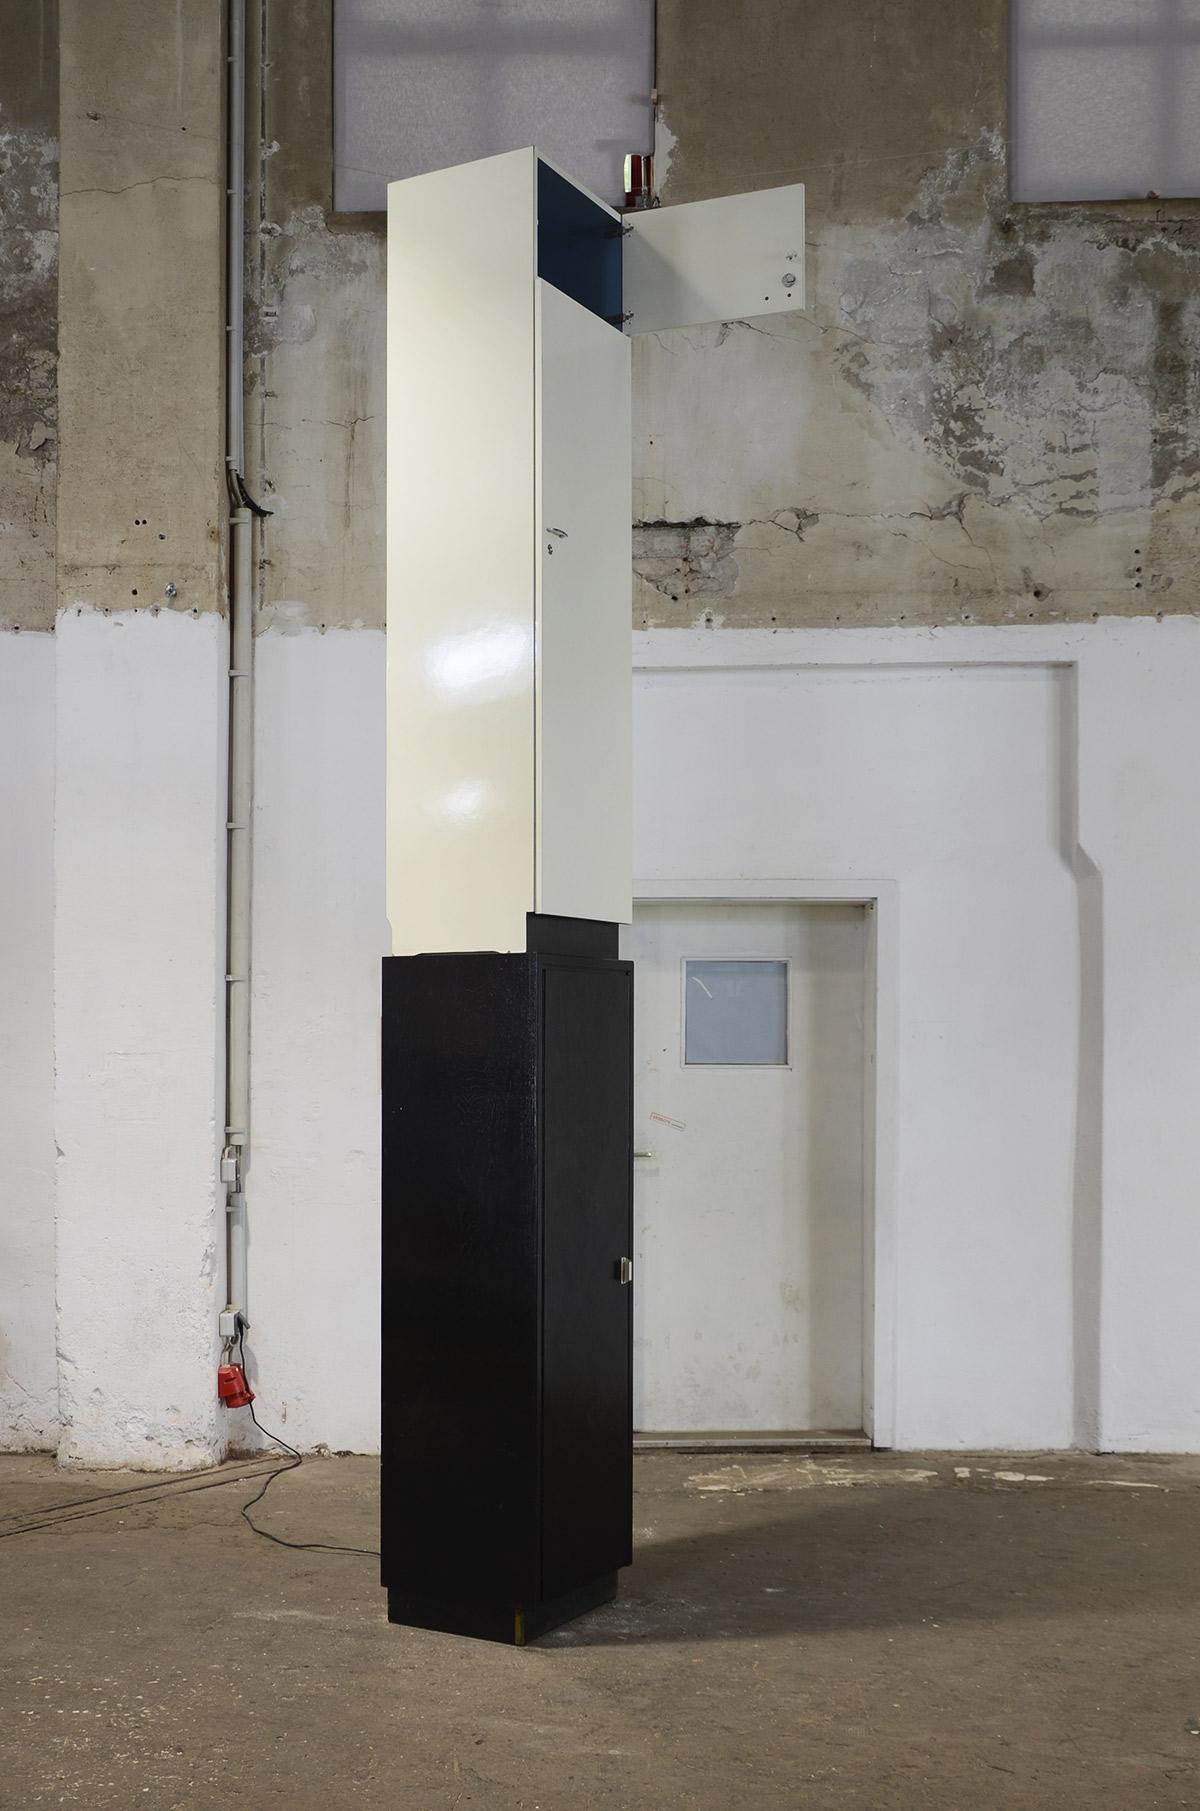 Turm, temporäre Rauminstallation, 2 Besenschränke, Halogenstrahler, Elektrokabel, Zeitrelais,  370 cm x  45 cm x 52 cm, 2020, Ausstellungsansicht 1: GEH8, Dresden, 2020